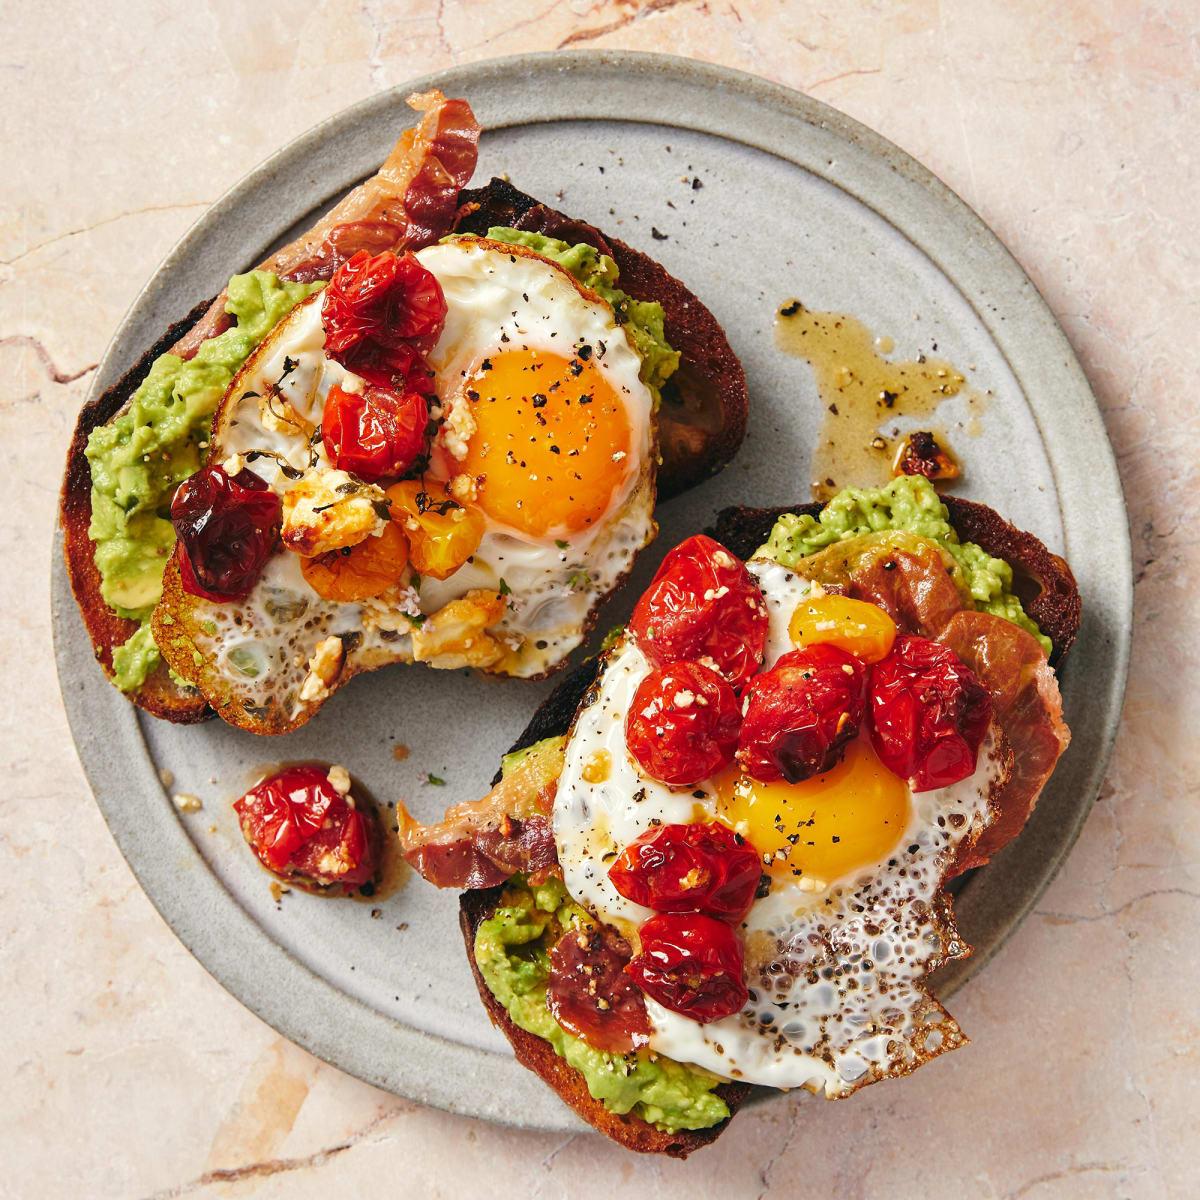 Áp dụng 7 tips giúp ăn ít đi mà không sợ đói, chị em sẽ thấy việc giảm cân chưa bao giờ dễ đến thế - Ảnh 3.